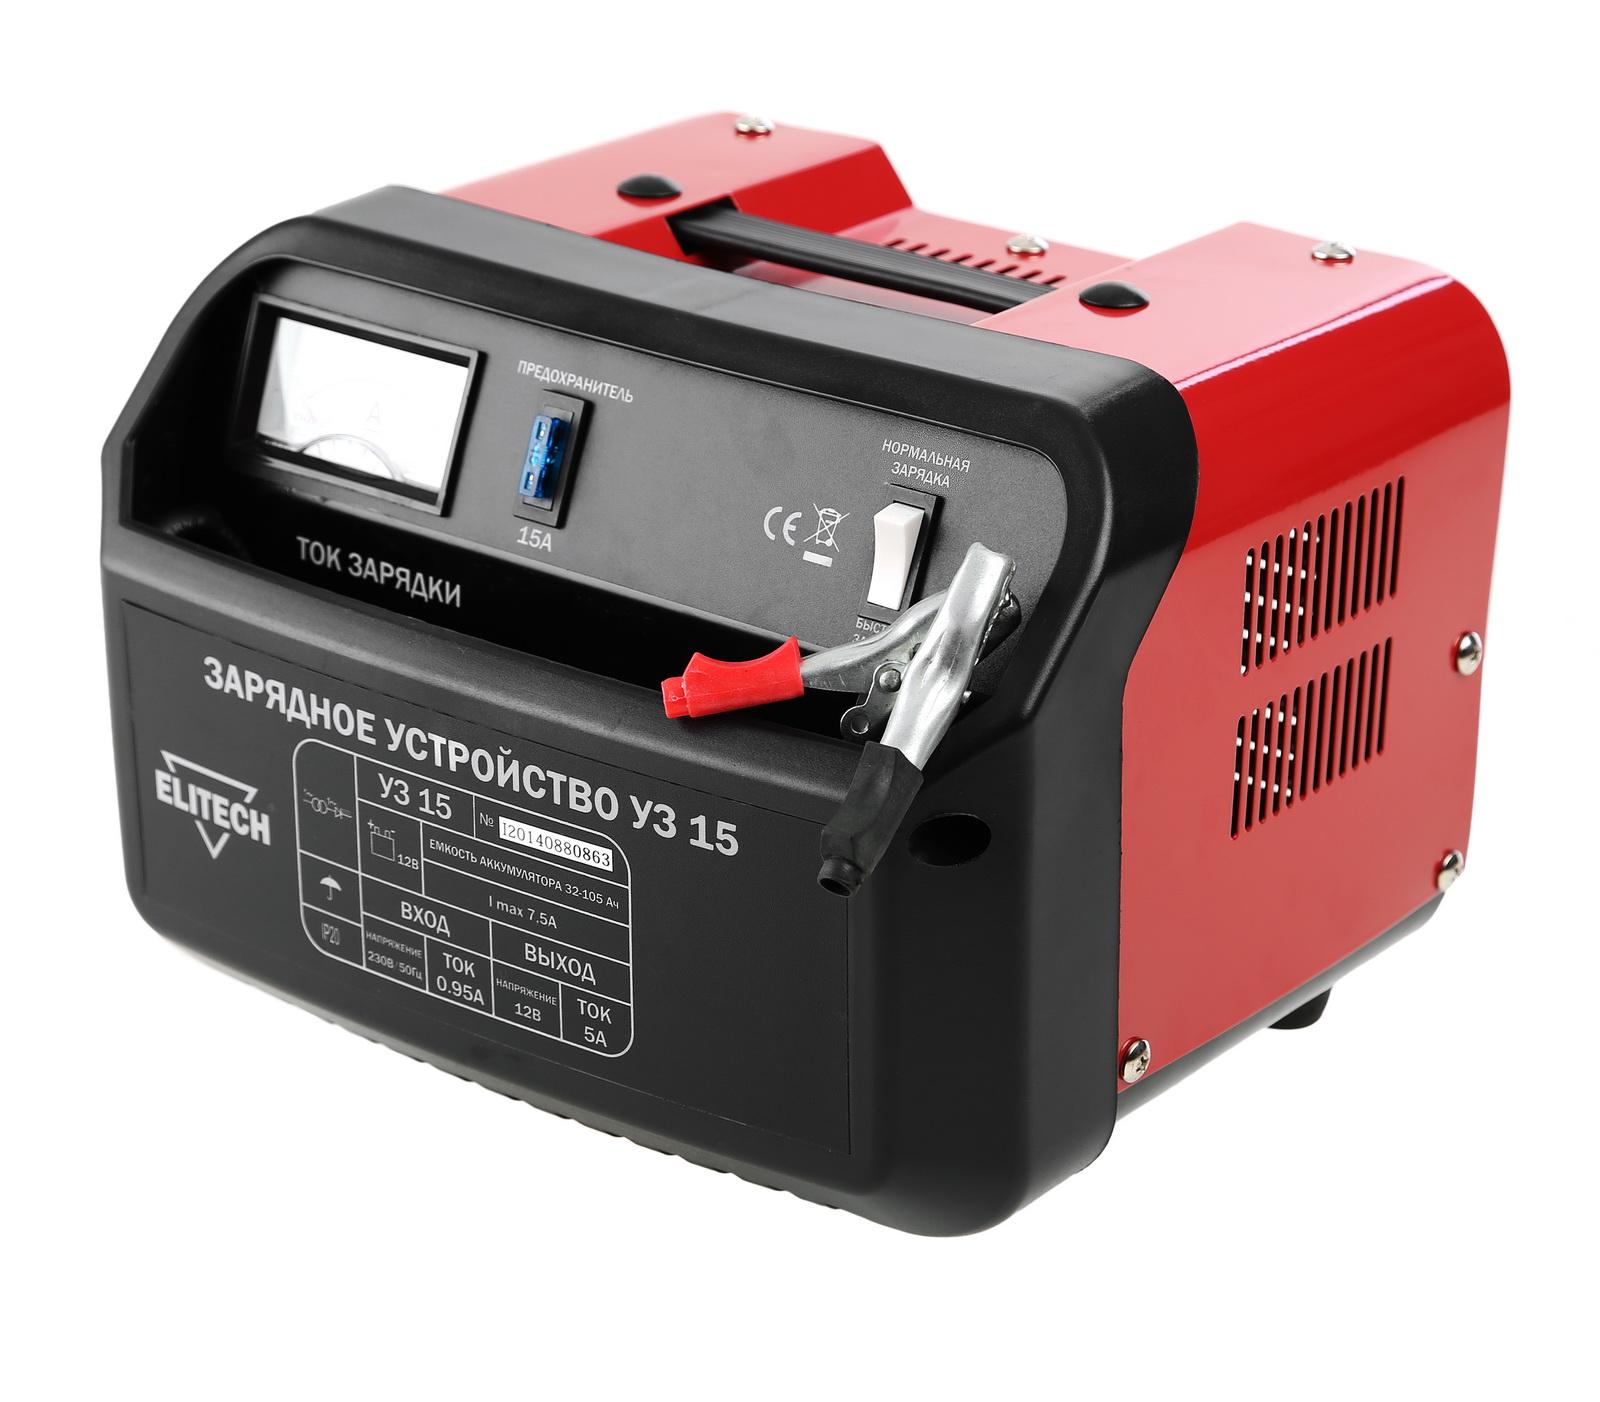 Купить Зарядное устройство Elitech УЗ 15